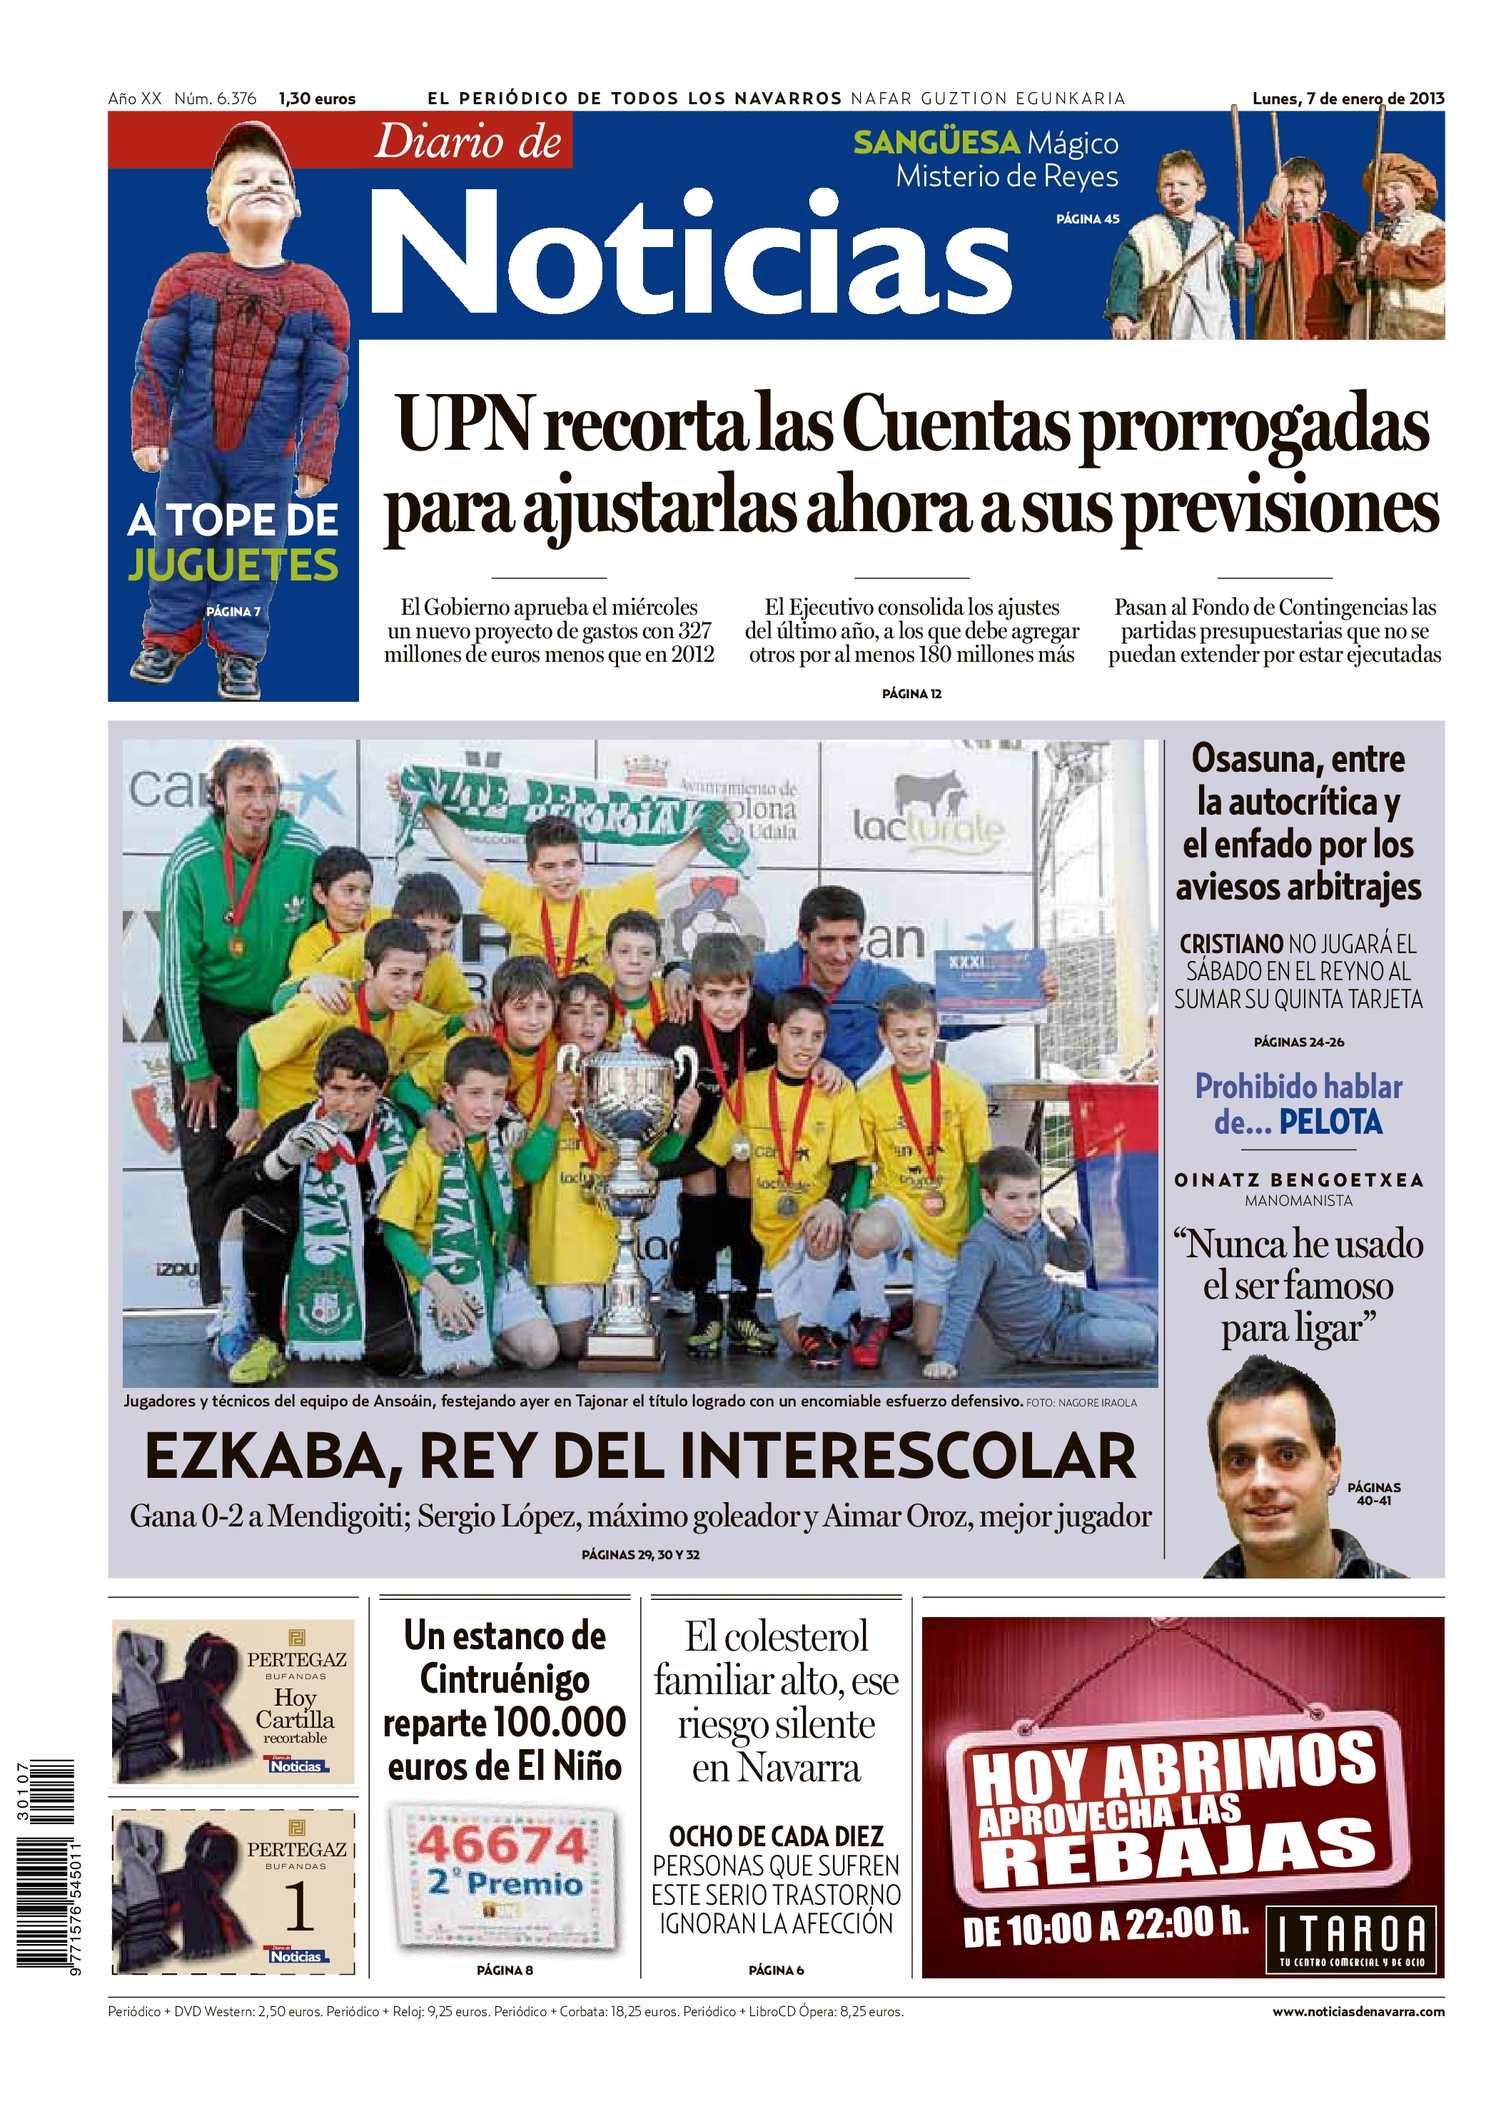 Ligar Murcia Gratis 822588